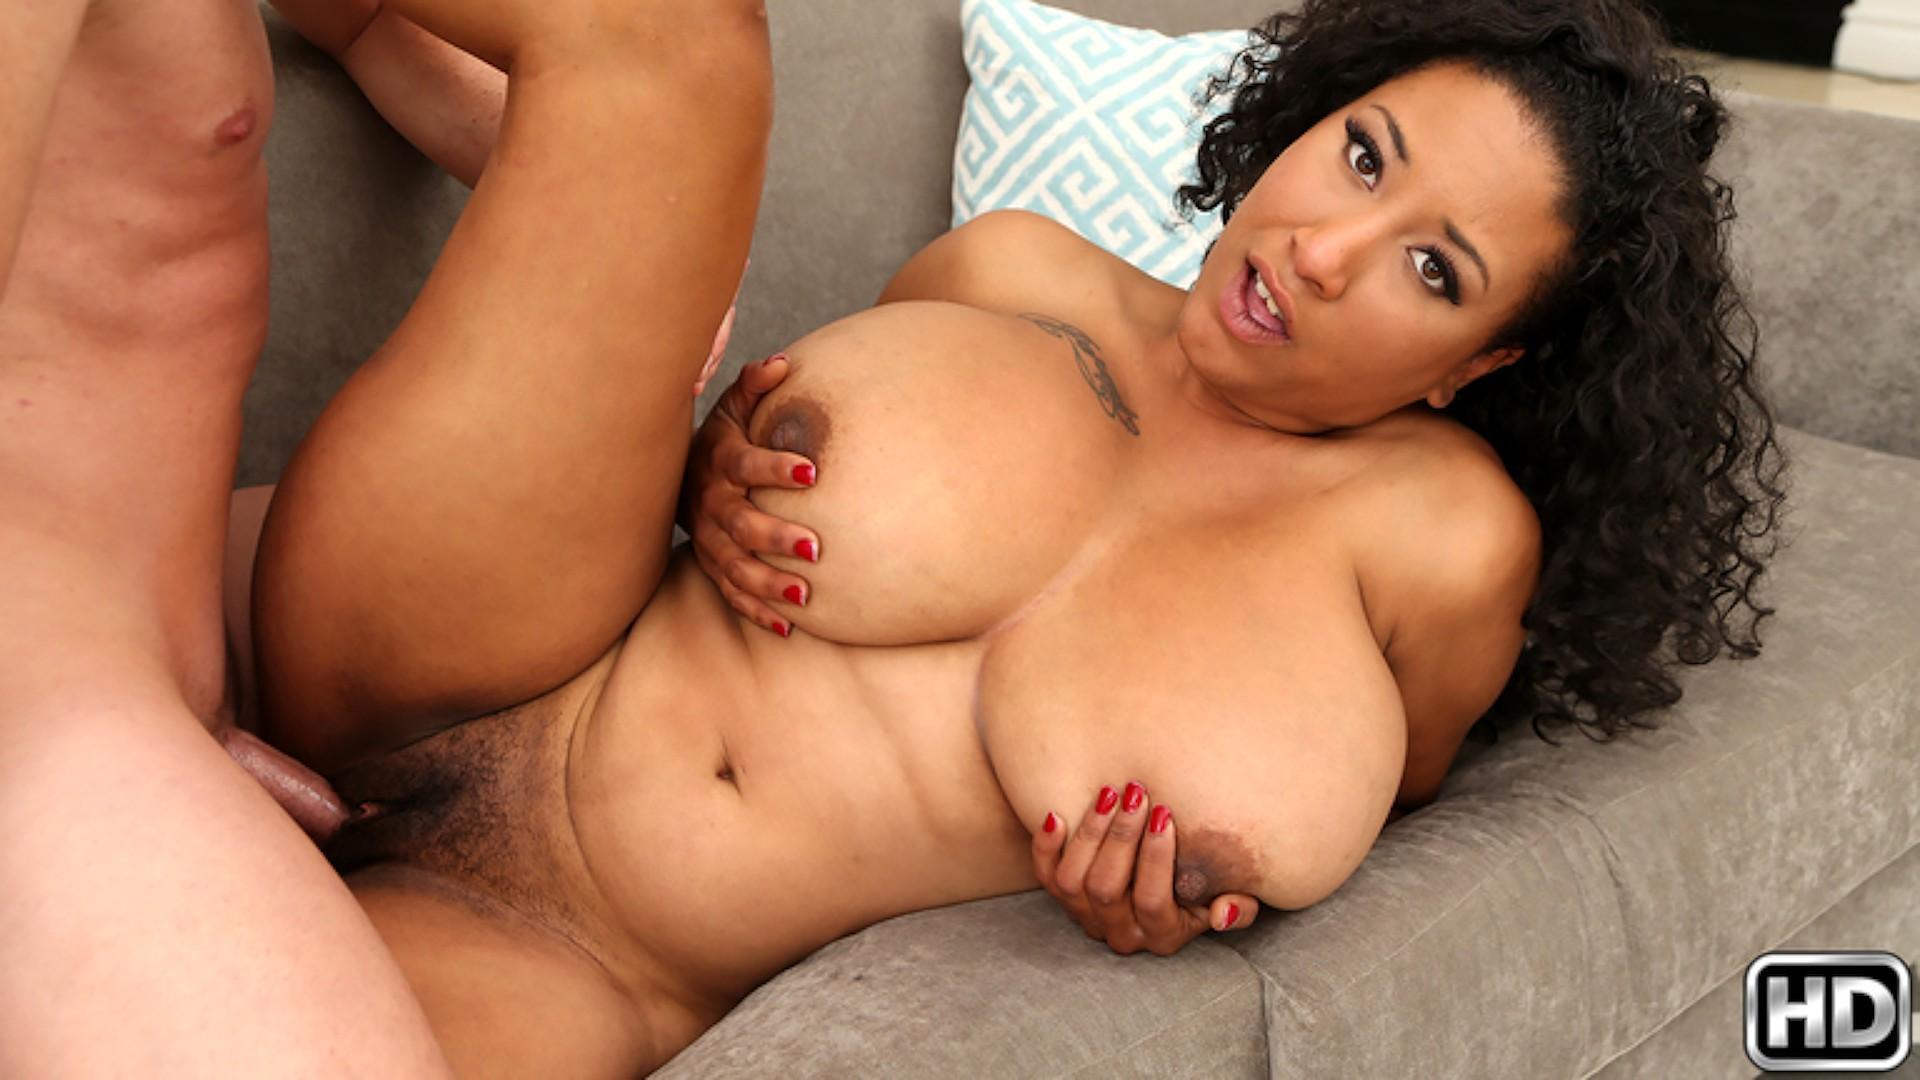 Danni Girl - Big Naturals